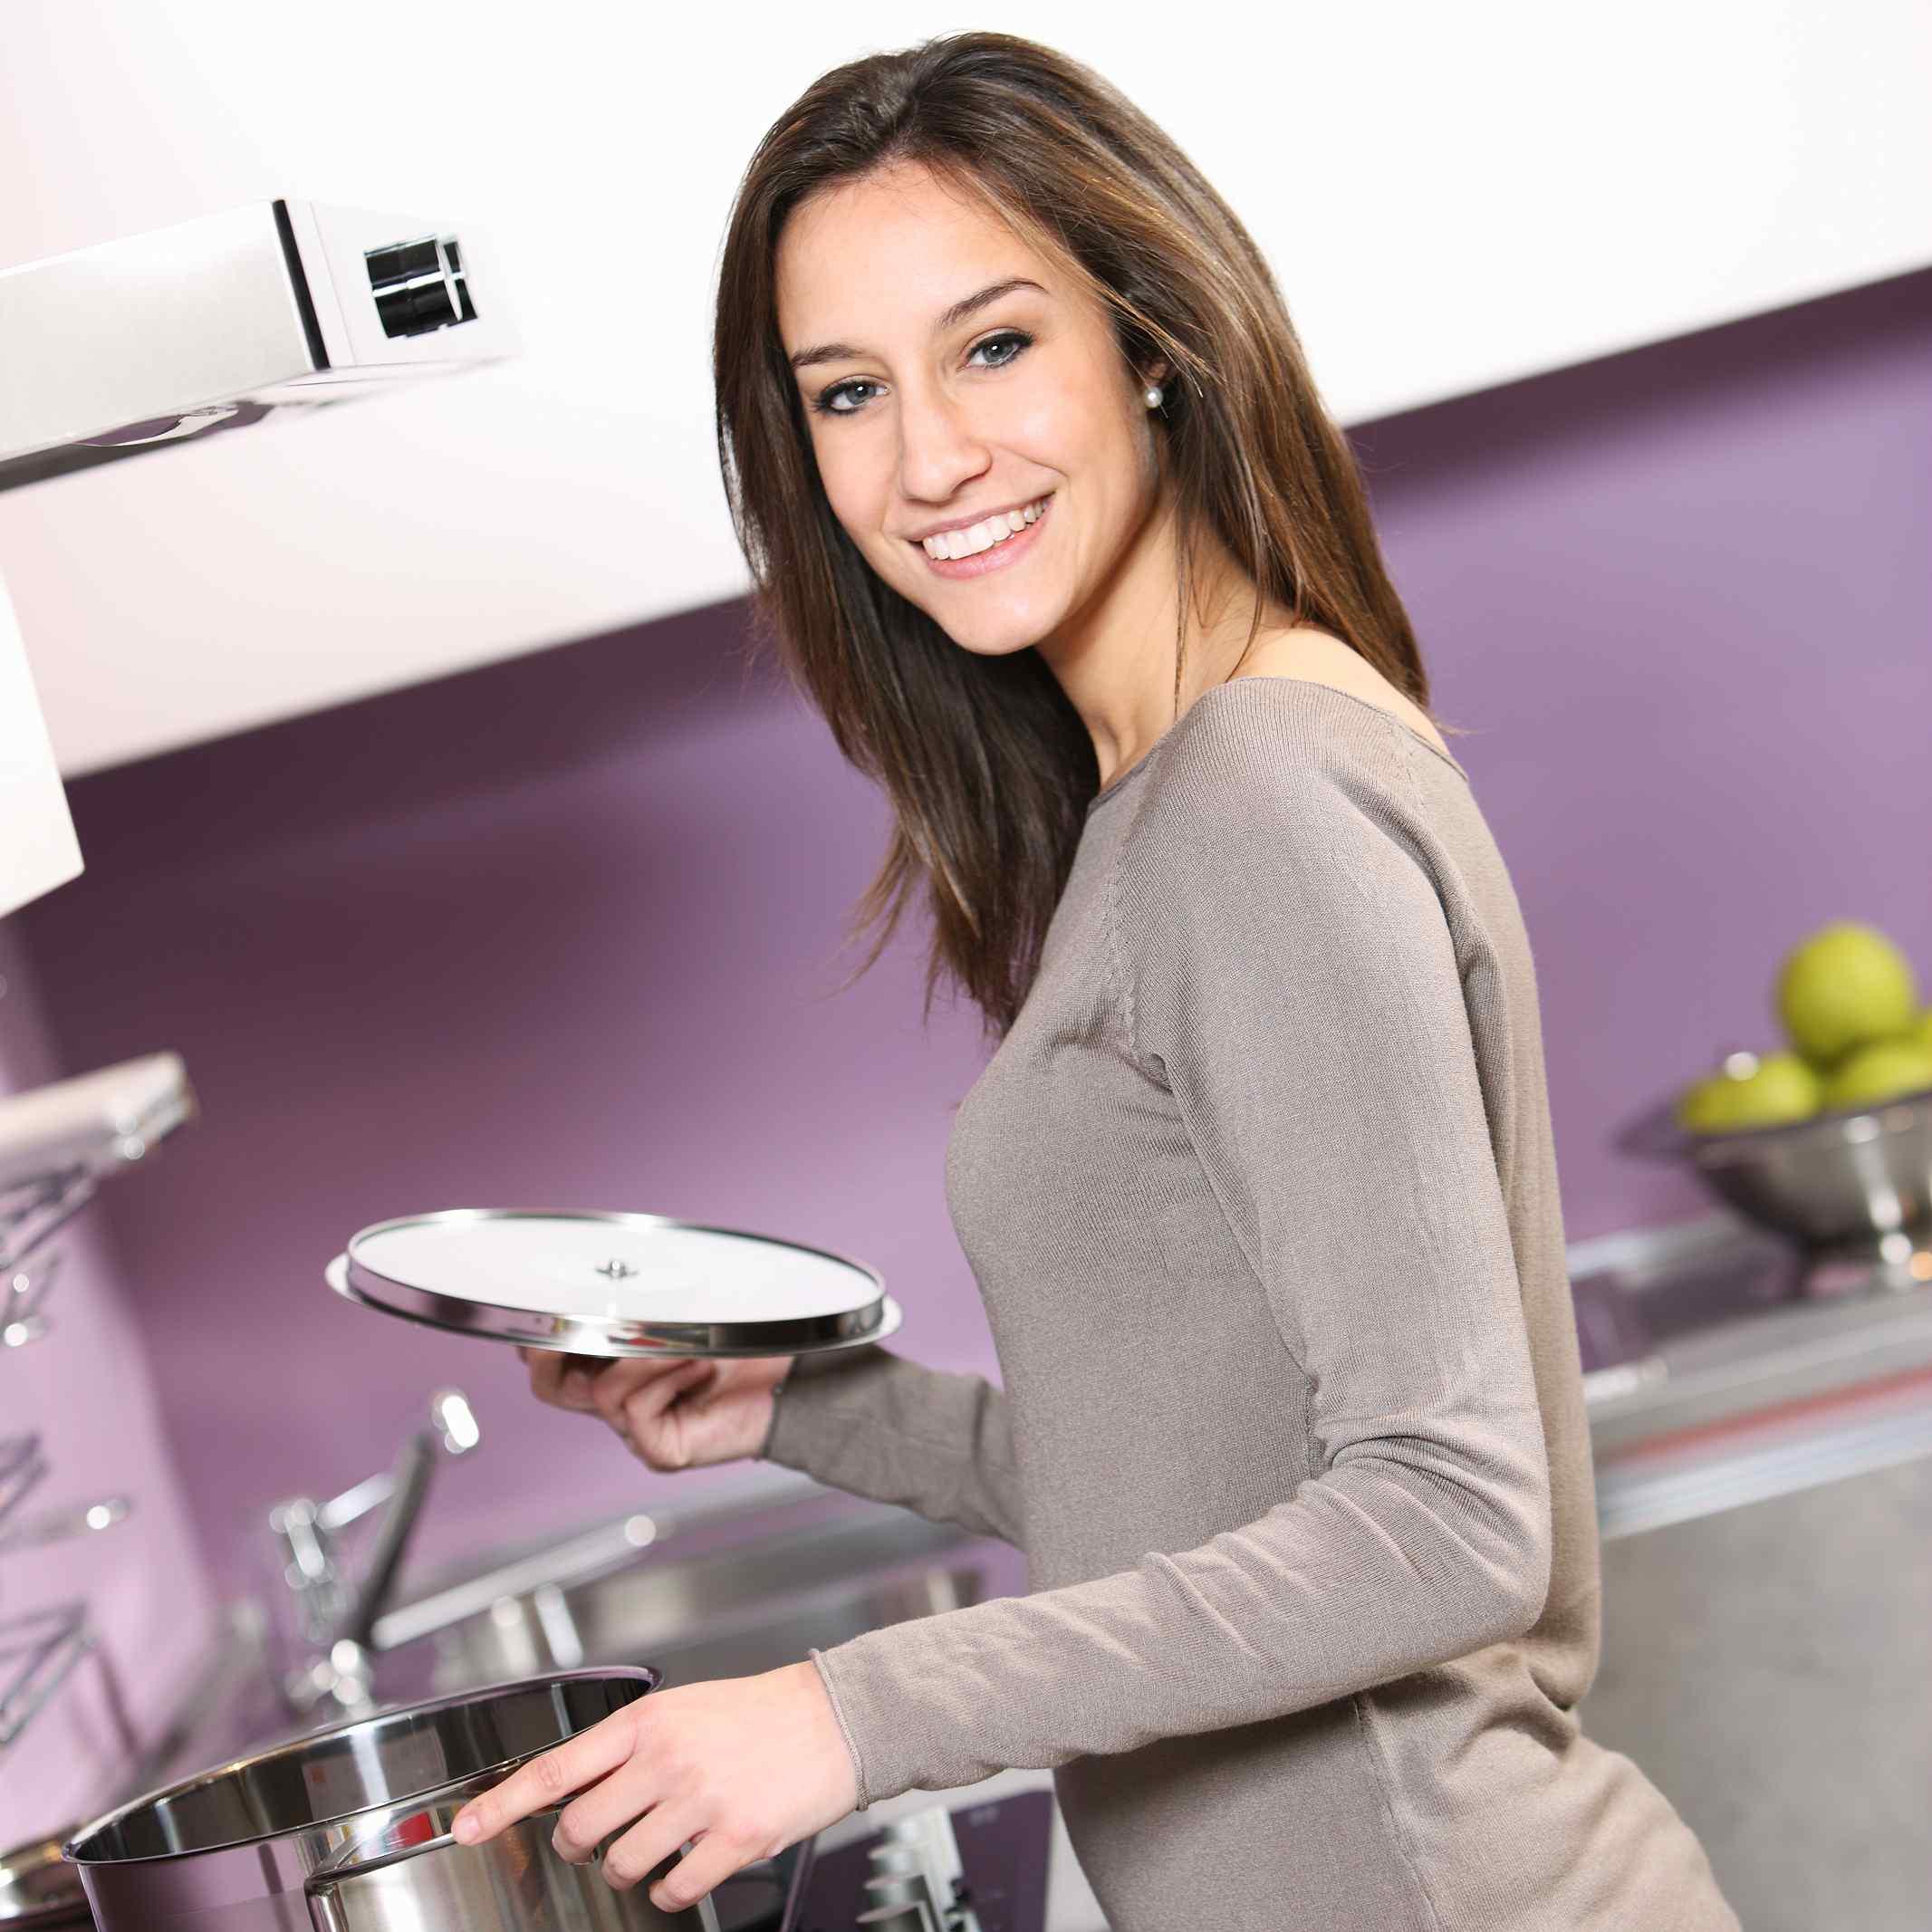 Single kochen dresden